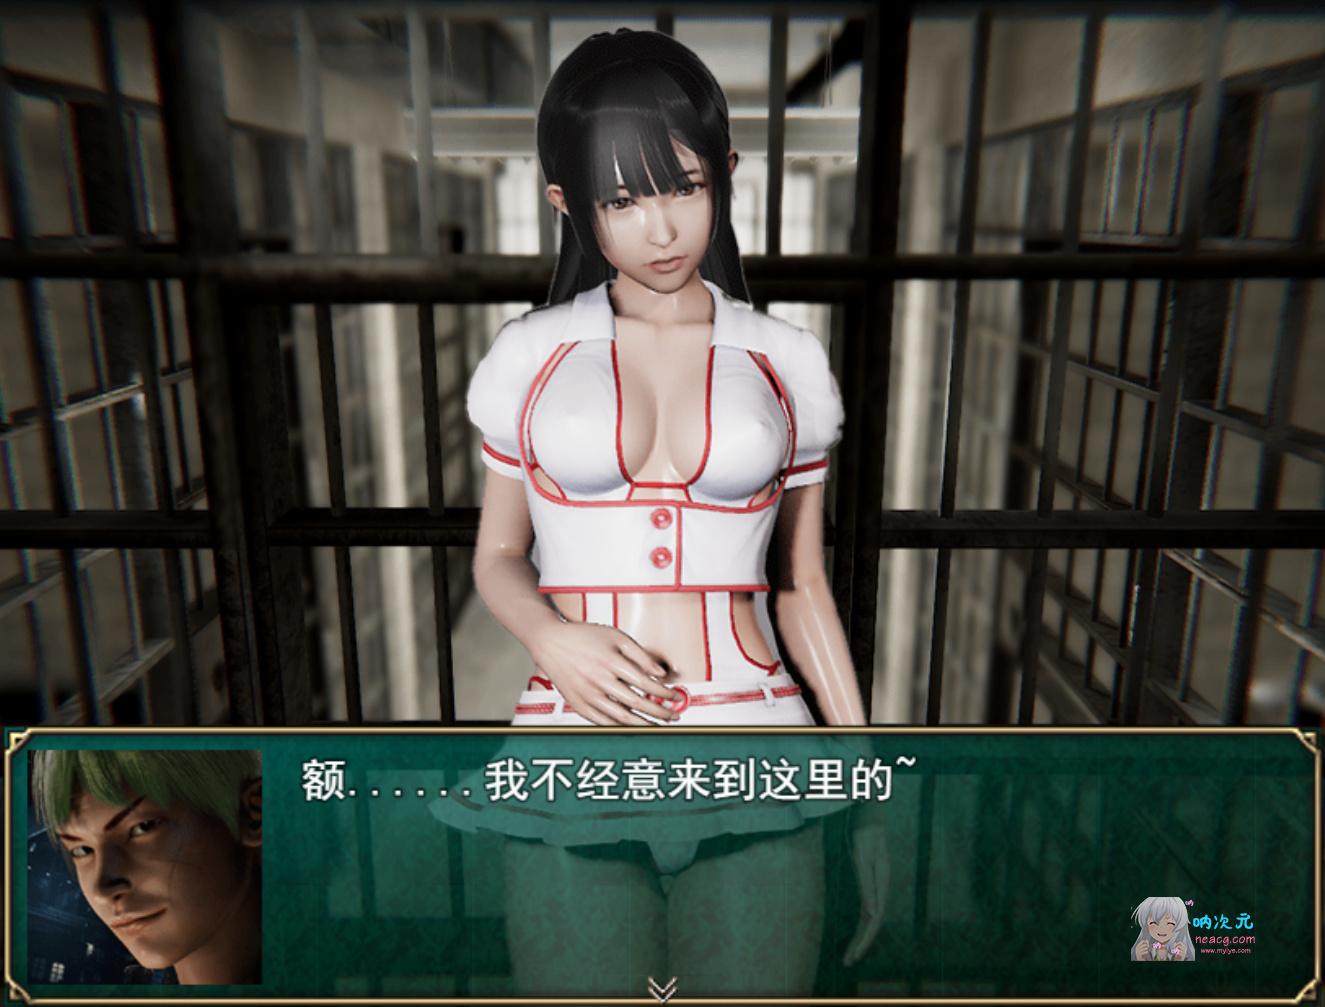 【国产RPG/中文/动态CG】热血硬派!Ver.18.1 中文超级作弊版【更新/PC+安卓】【4G】